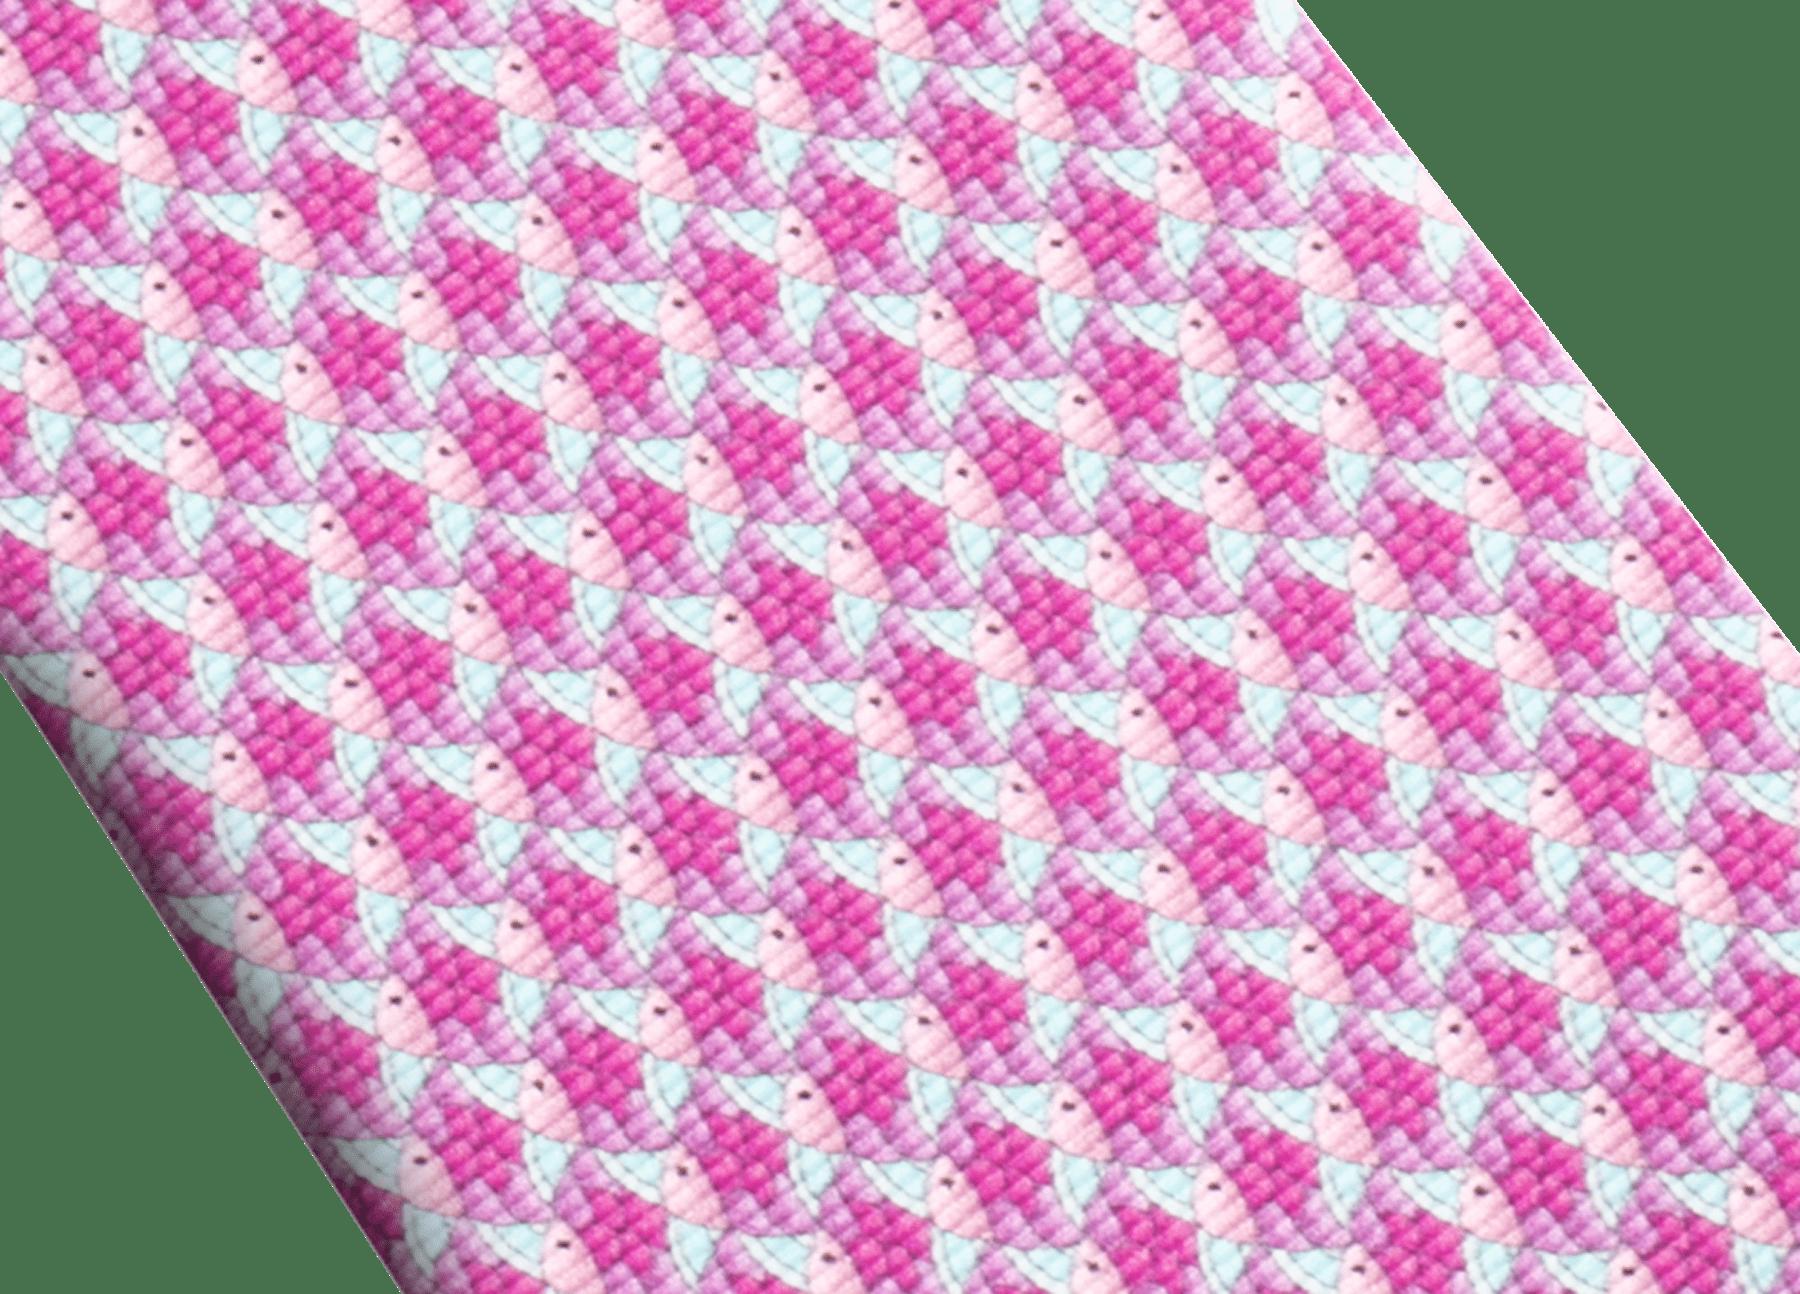 Purple Fish Divine pattern seven-fold tie in fine saglione printed silk. 244153 image 2